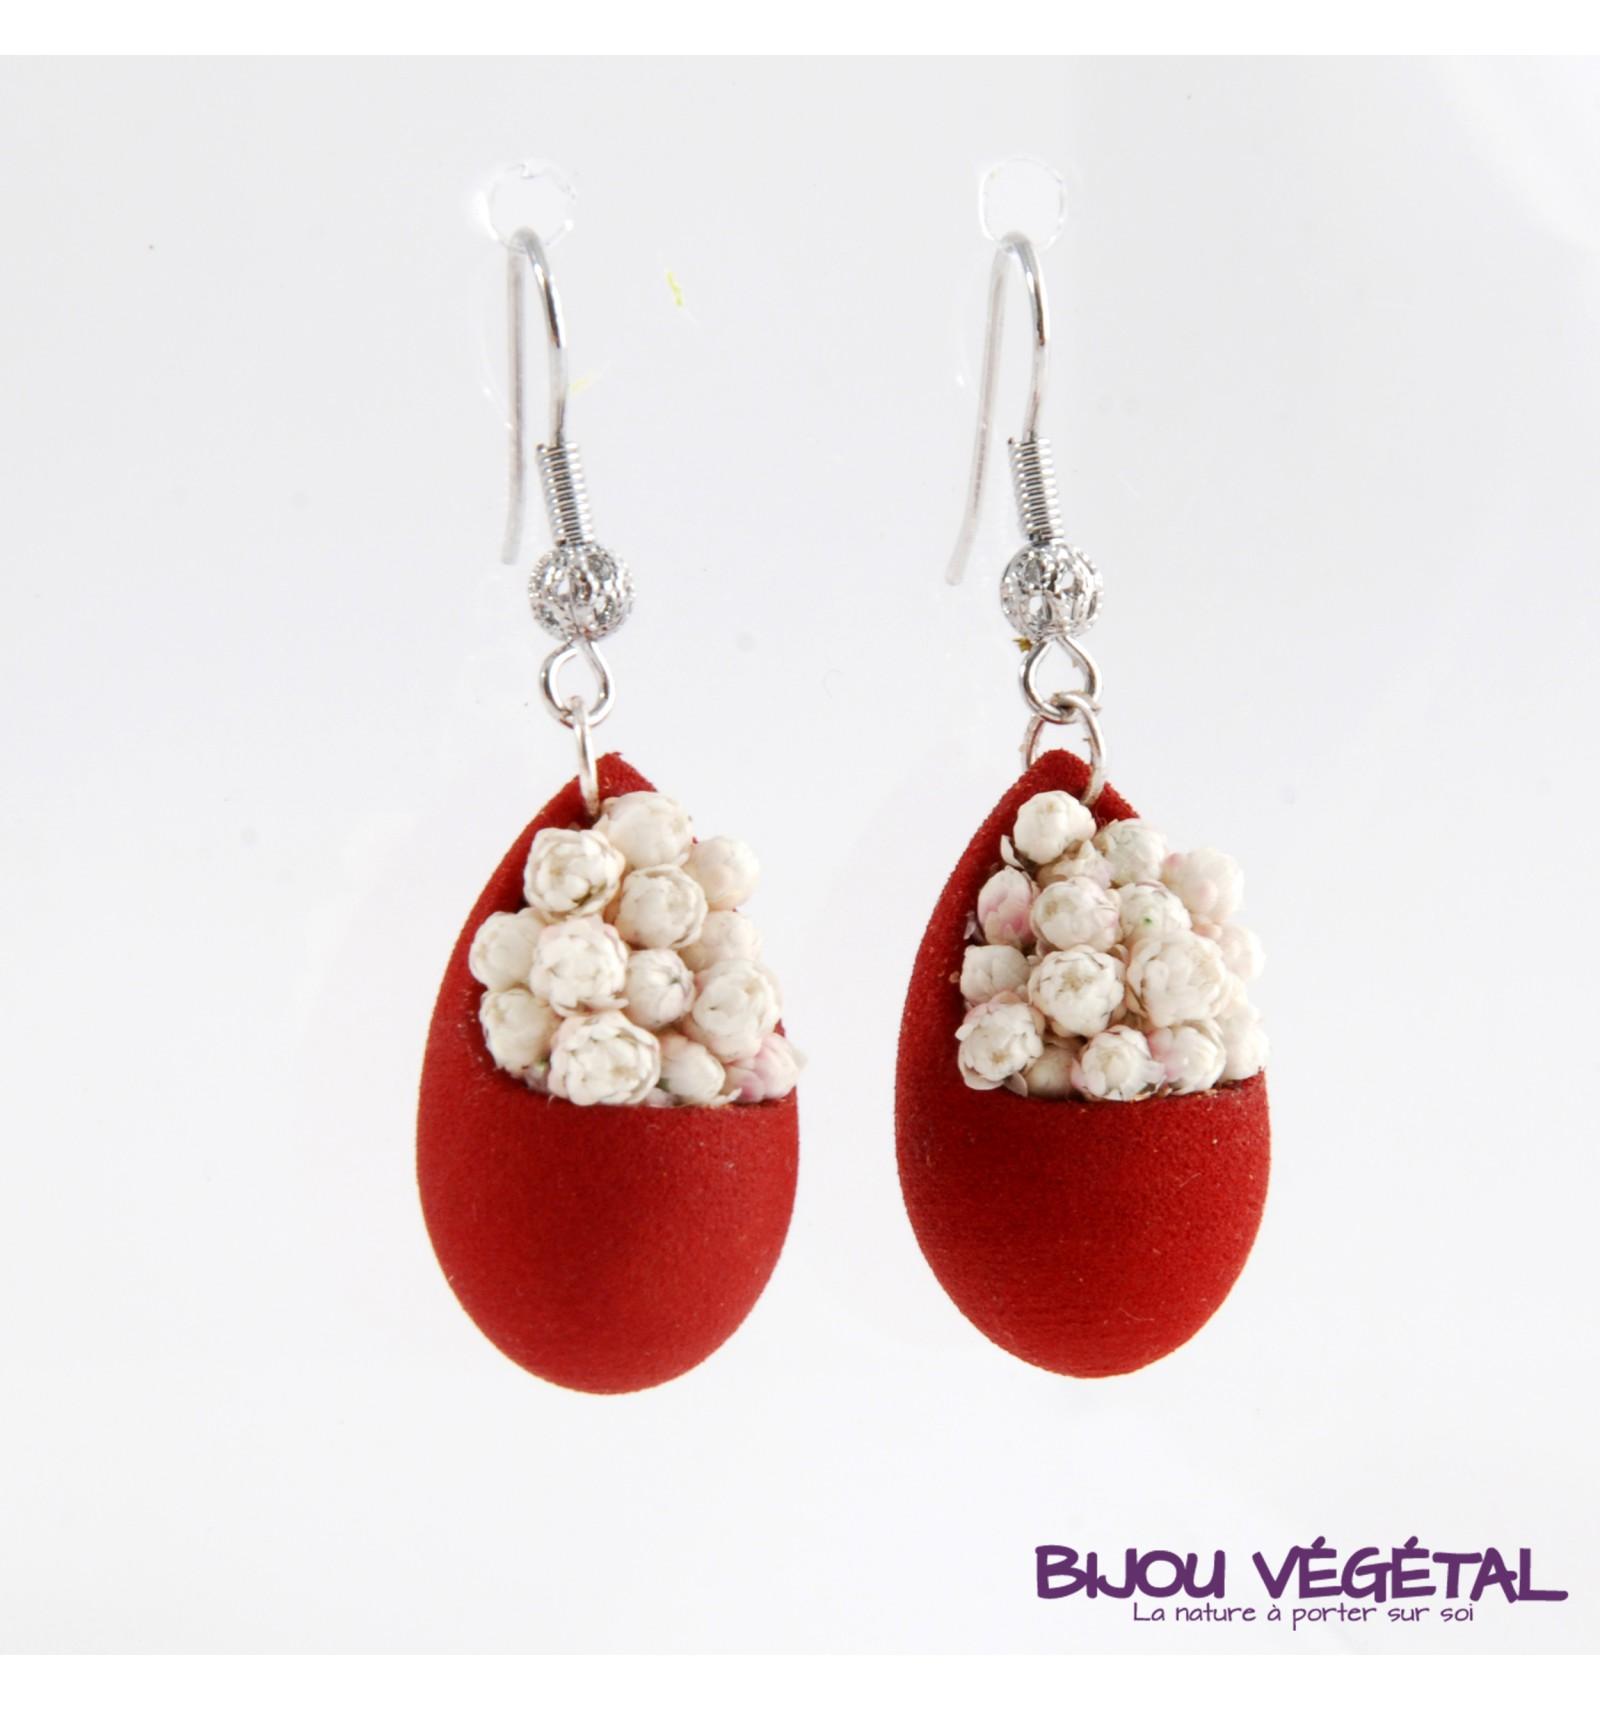 Živé šperky - Náušnice Slza červené  s trvalými bílými květy